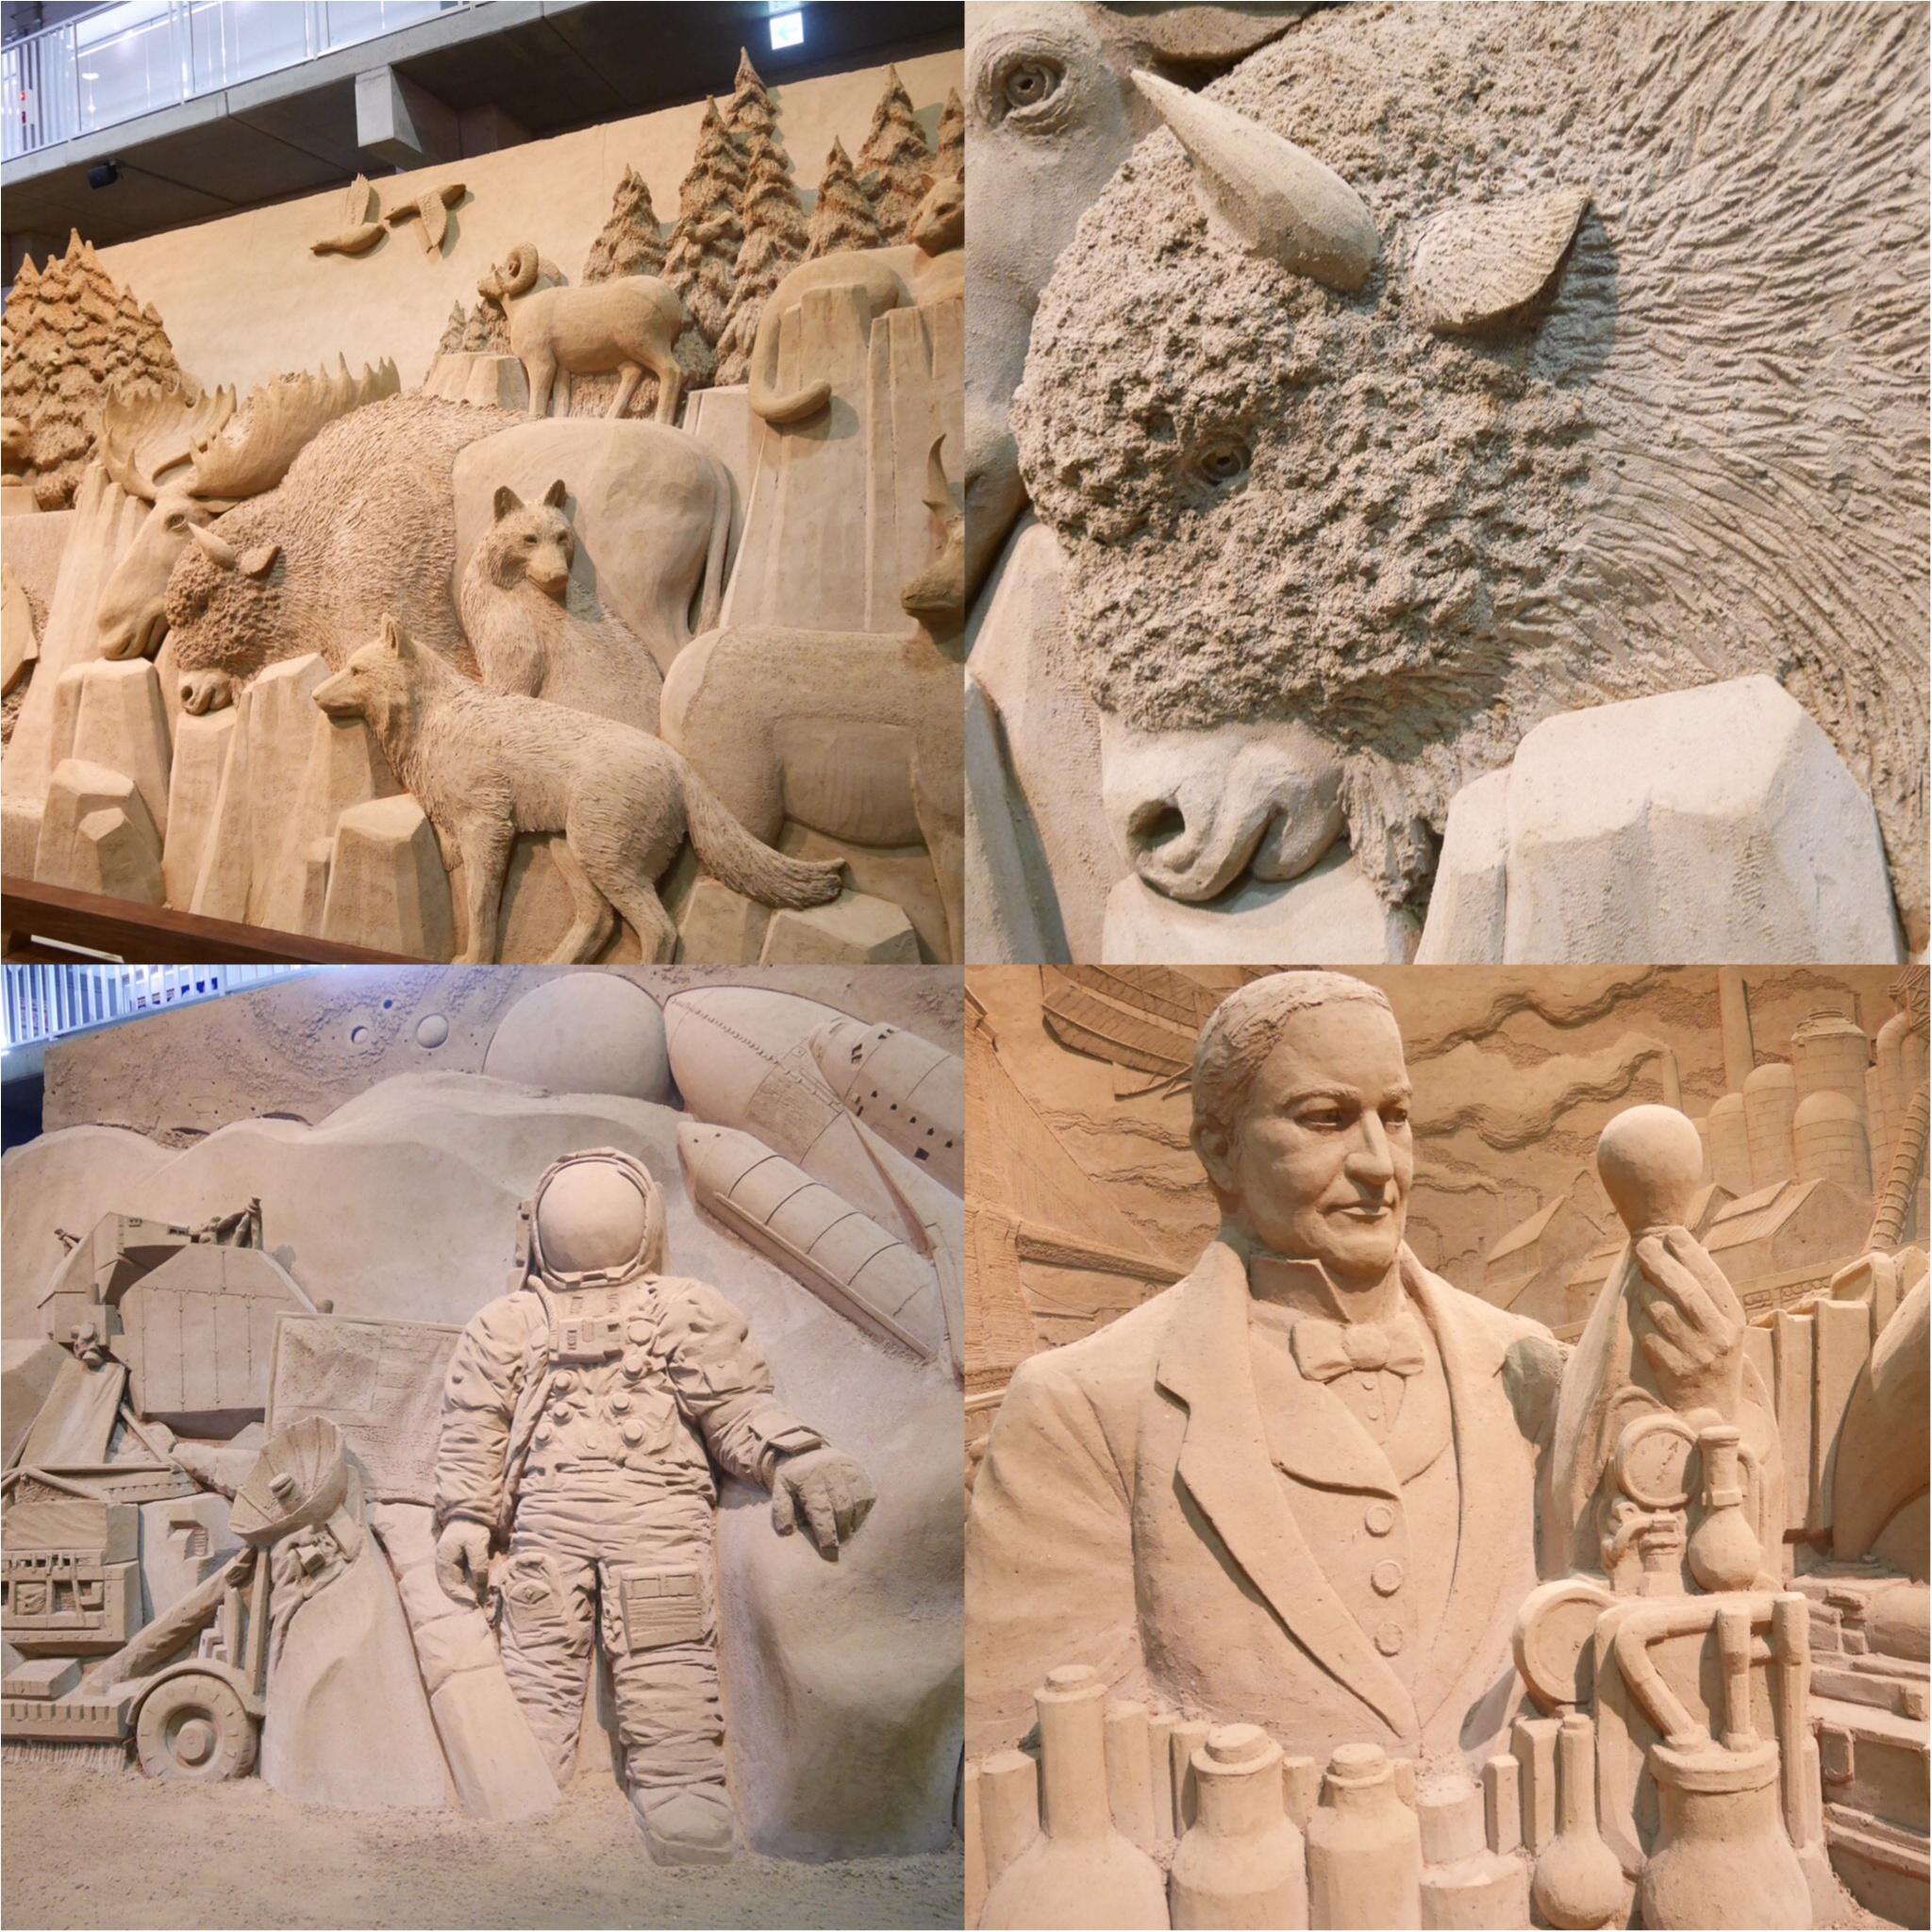 [島根・鳥取旅行④]鳥取砂丘&砂の博物館に行って来ました!_4